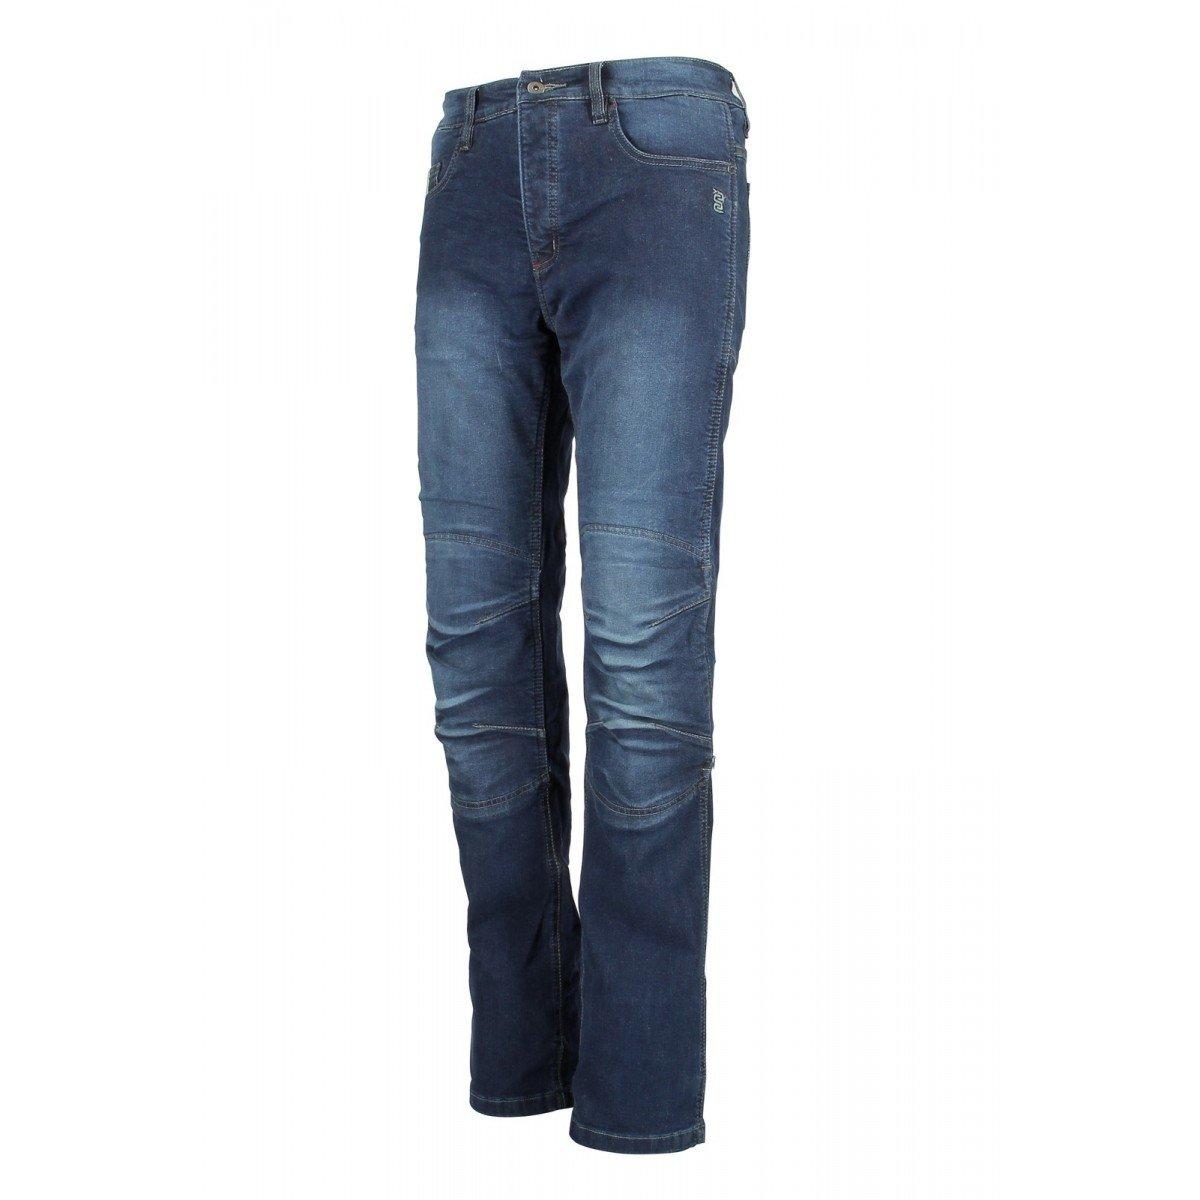 Blu OJ Jeans 4 Stagioni Impermeabile Tessuto Esterno in Denim Elasticizzato Bluster Man 50